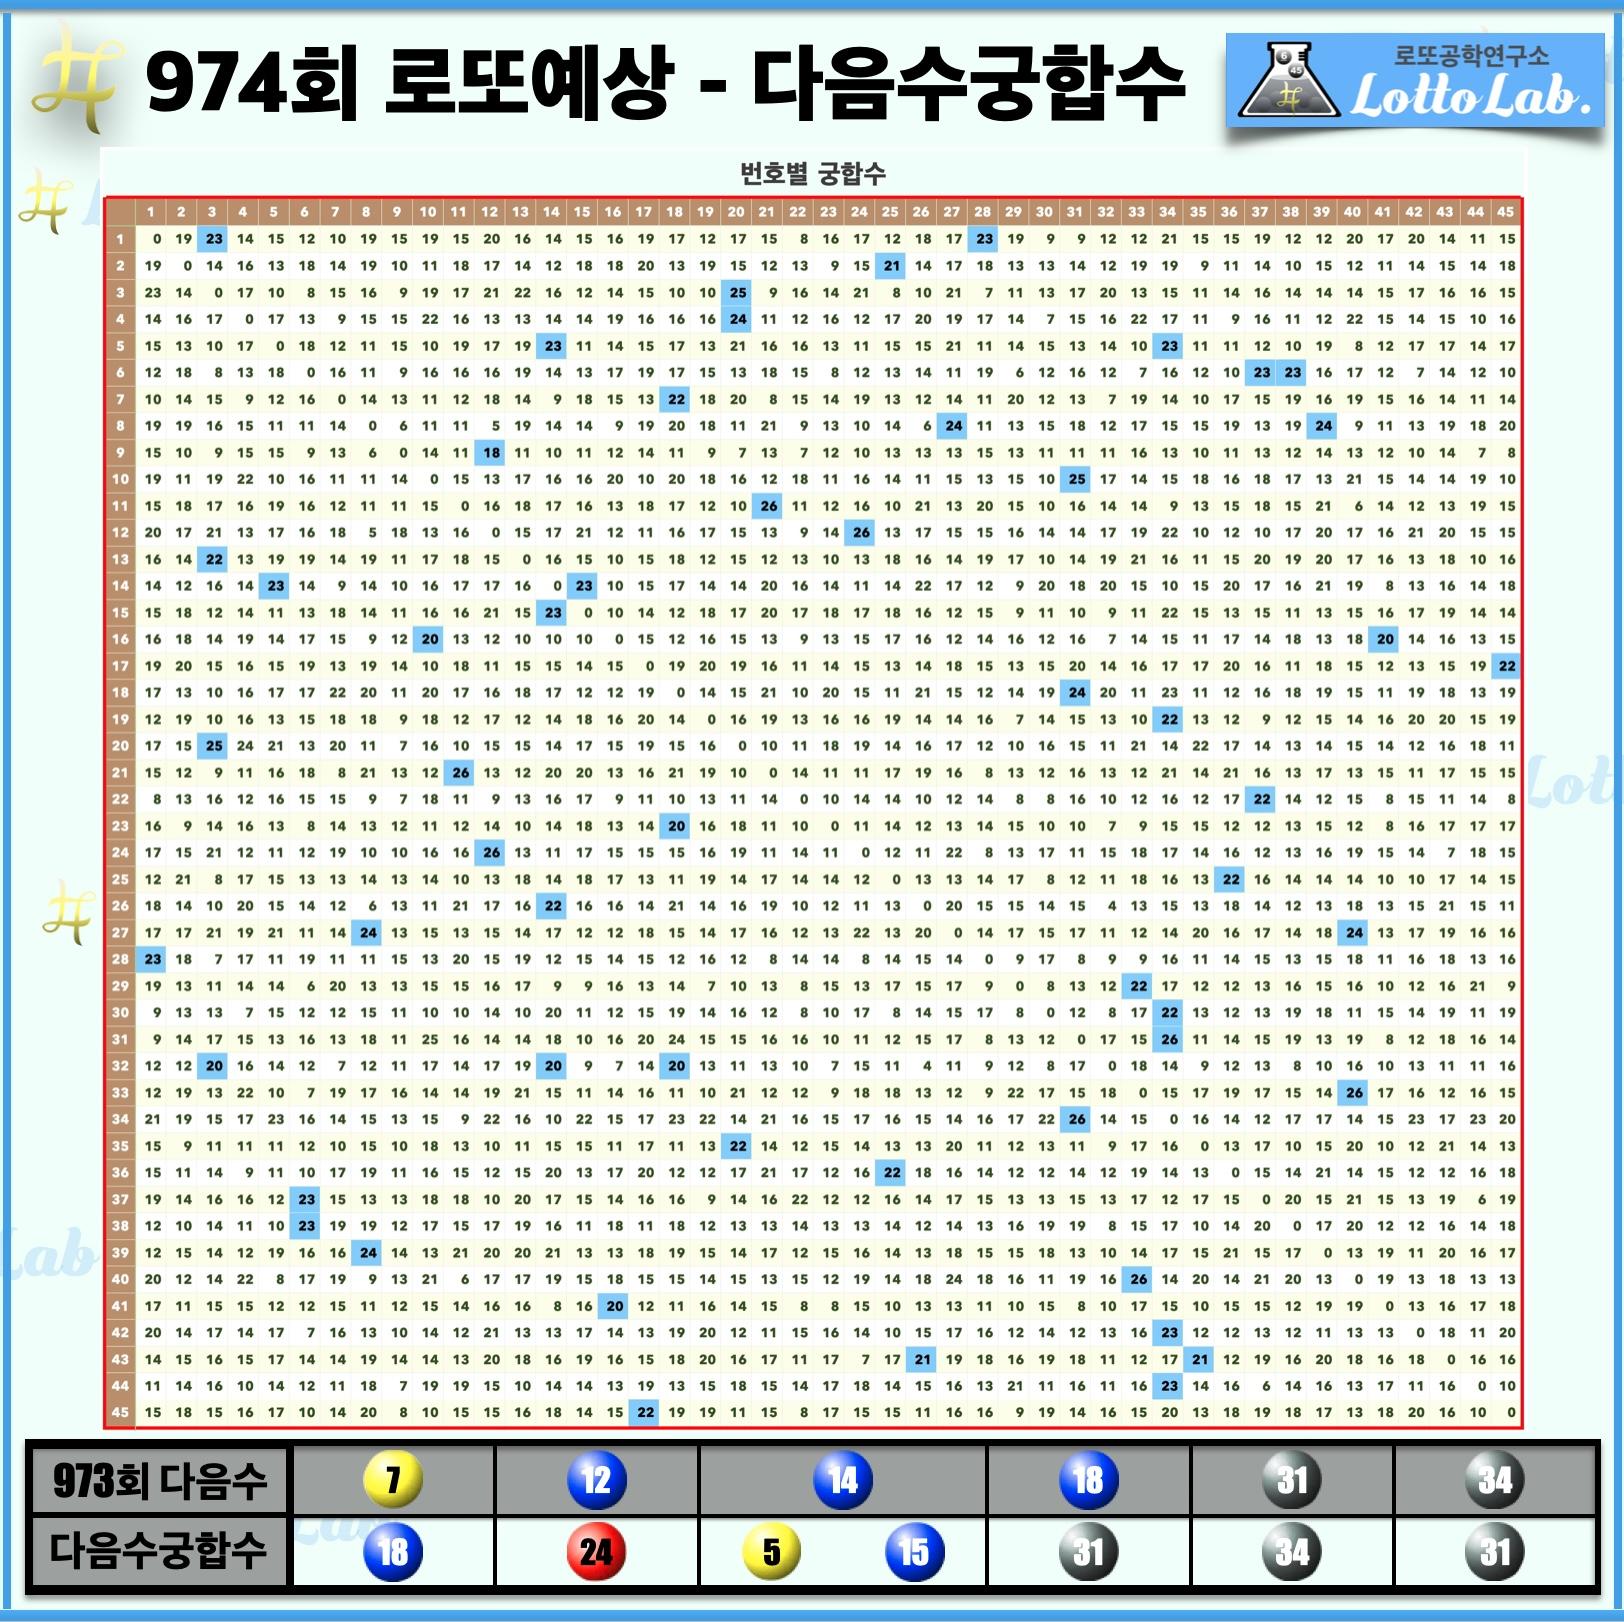 로또랩 로또974 당첨 번호 예상 - 다음수궁합수